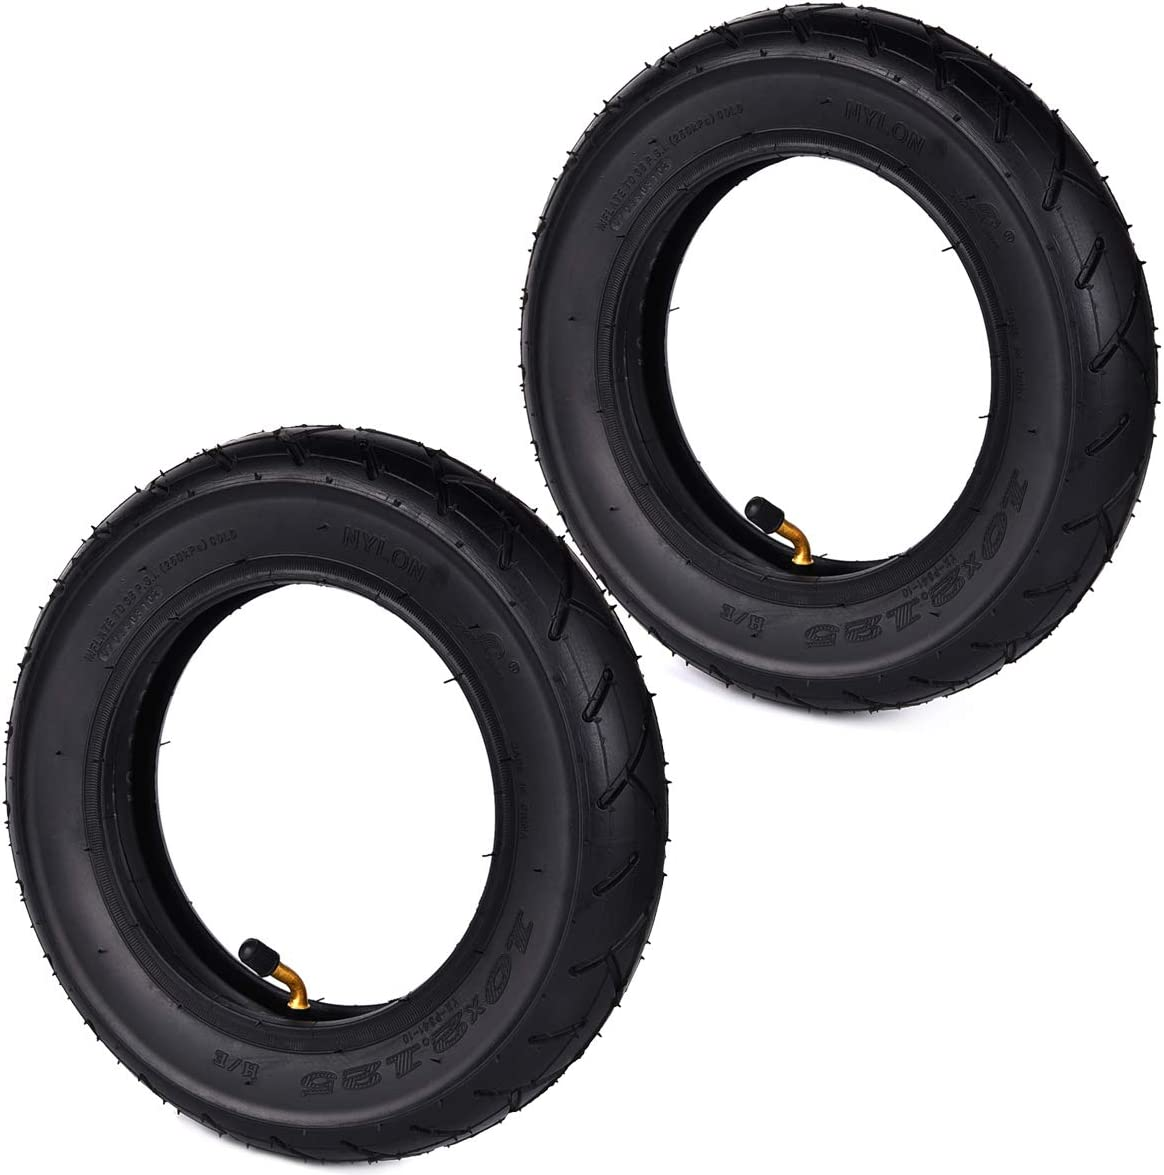 Wingsmoto 10 X 2 125 10 Zoll Reifen Und Schlauch Für 2 Rad Scooter Intelligent Selbstbalancierend 25 4 Cm Einrad 2er Pack Auto